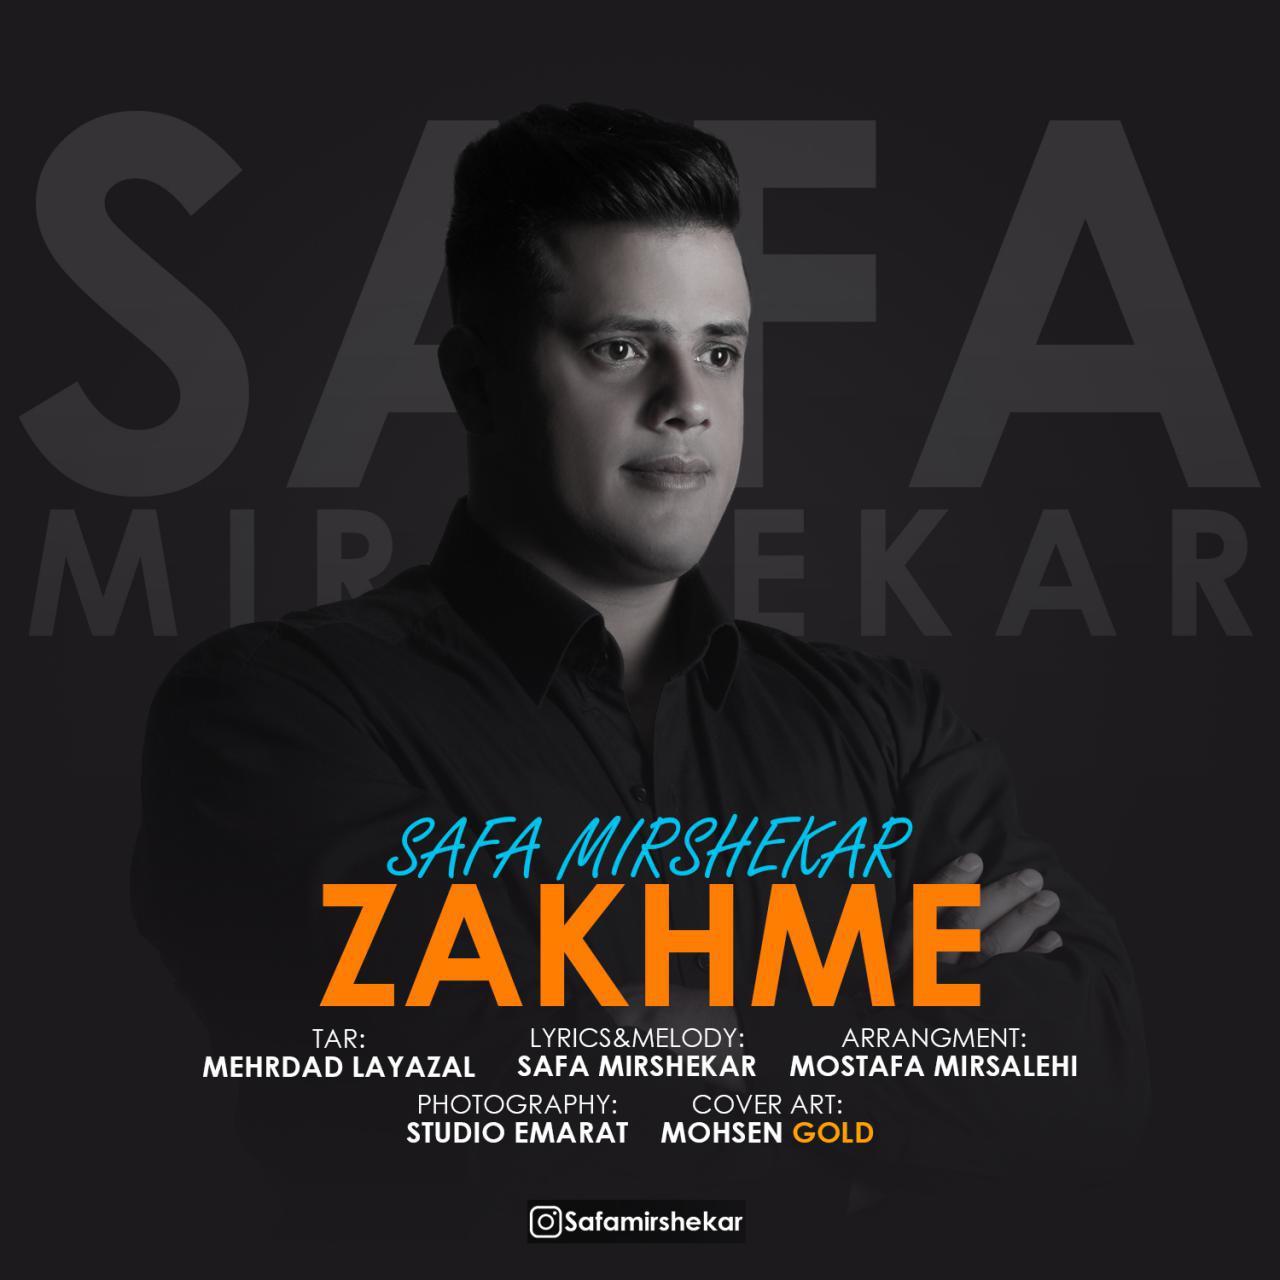 Safa Mirshekar – Zakhme